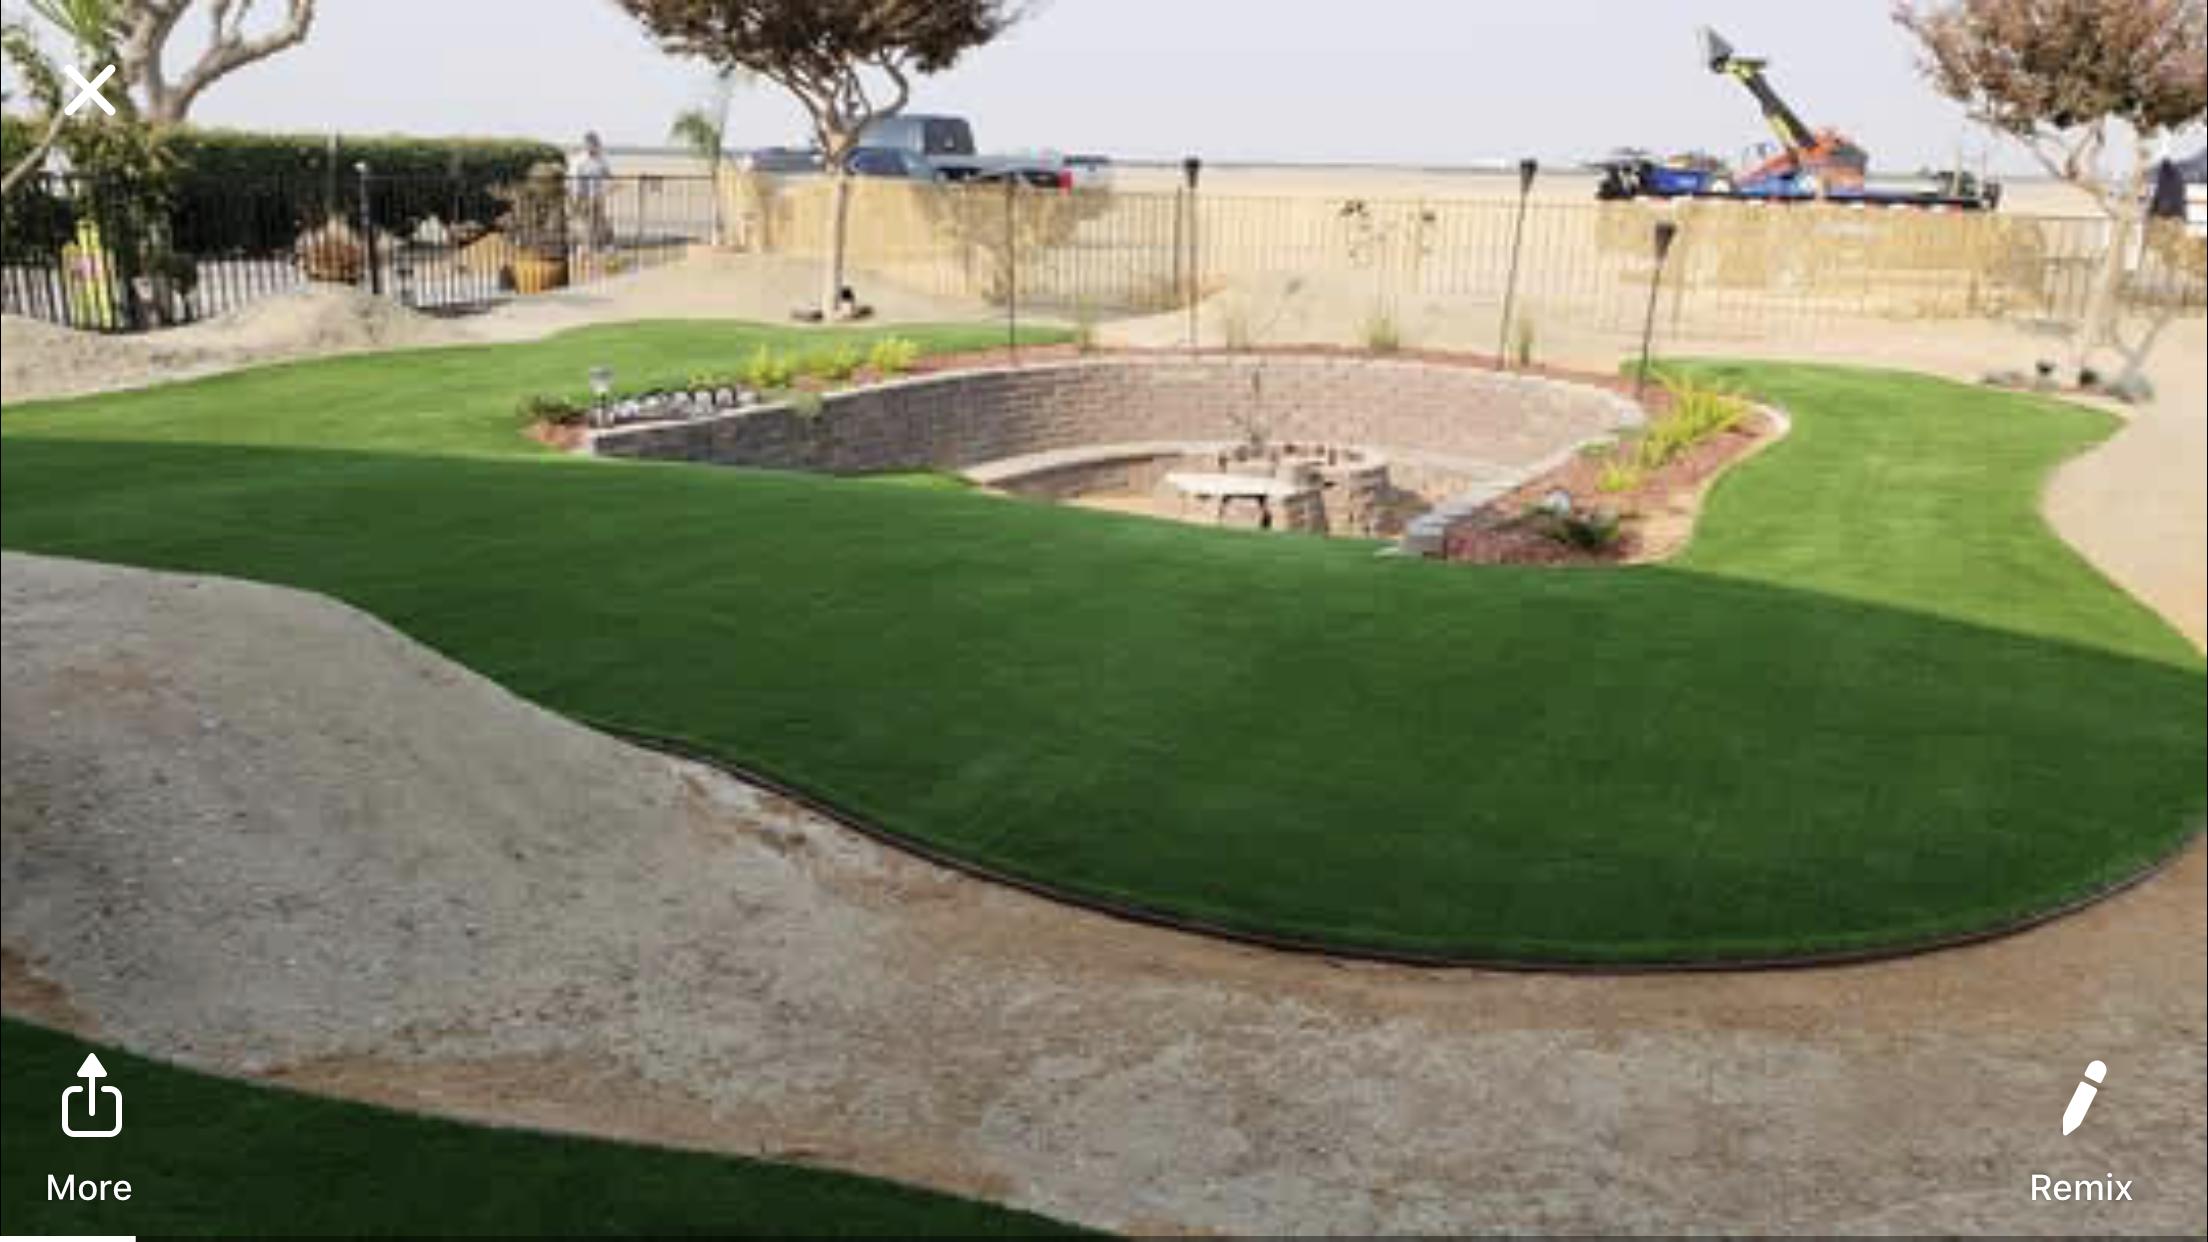 Star Grass-35 fake grass for yard,backyard turf,turf backyard,turf yard,fake grass for backyard